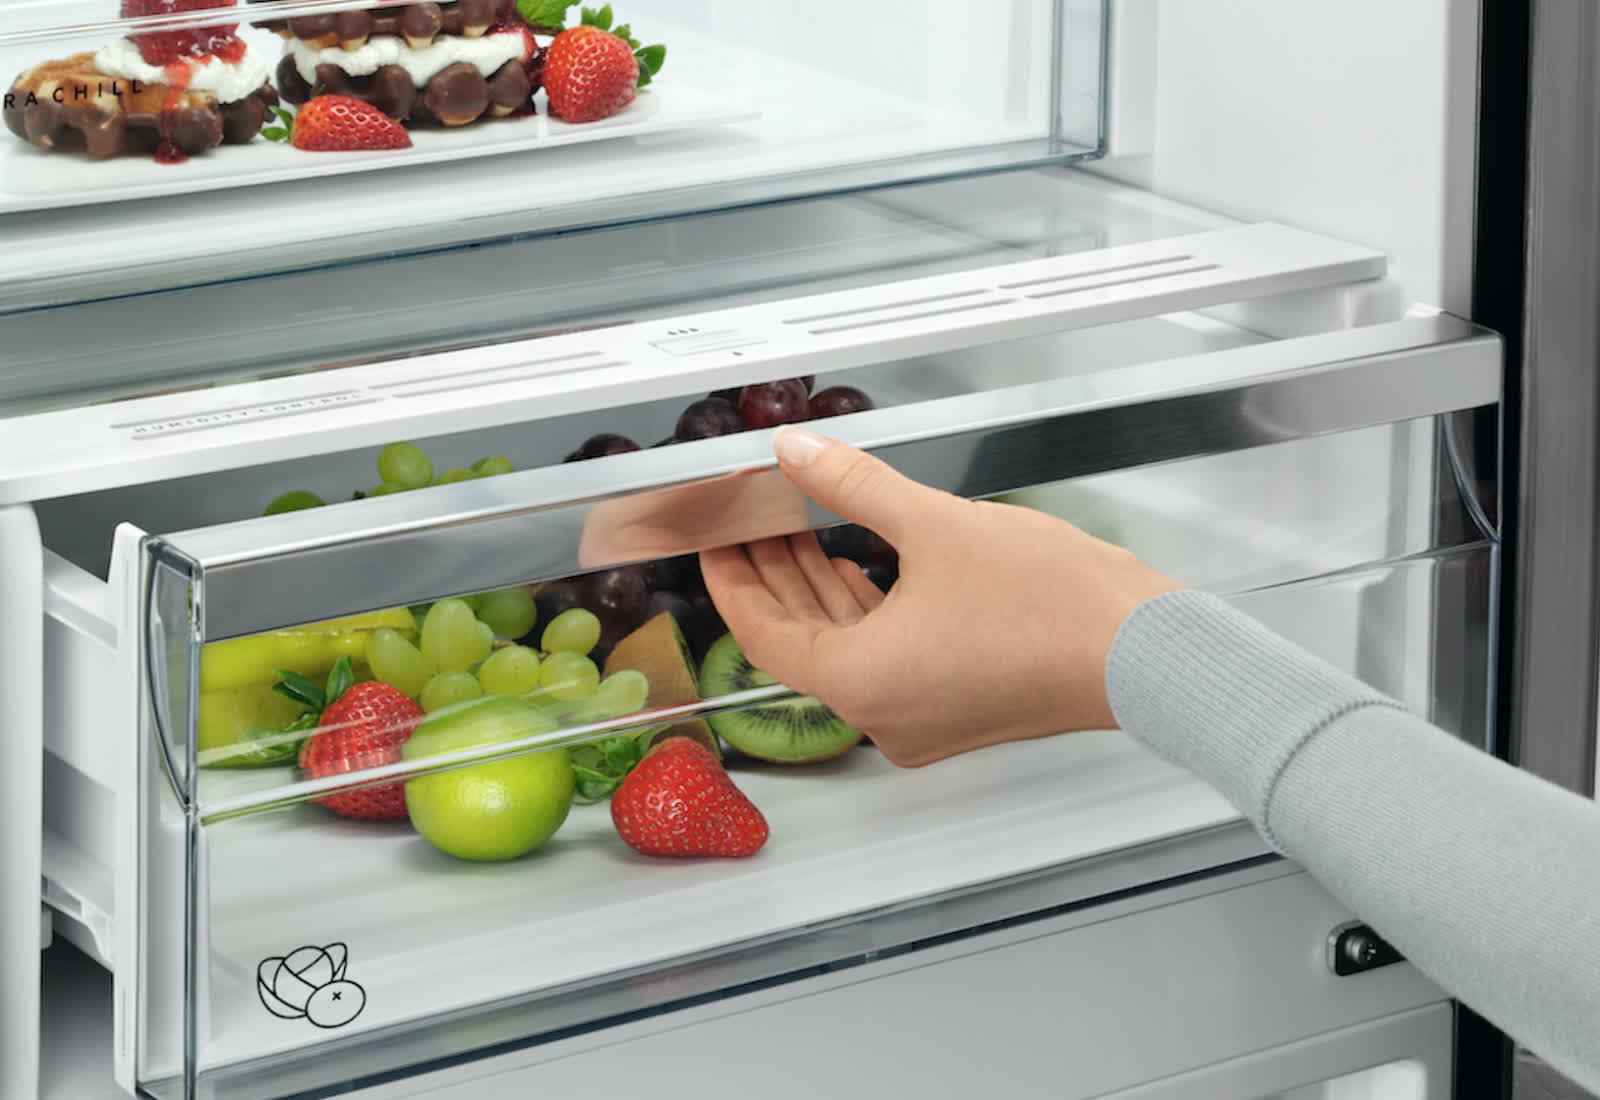 Immagine Il frigocongelatore con freschezza su misura per ogni alimento 1